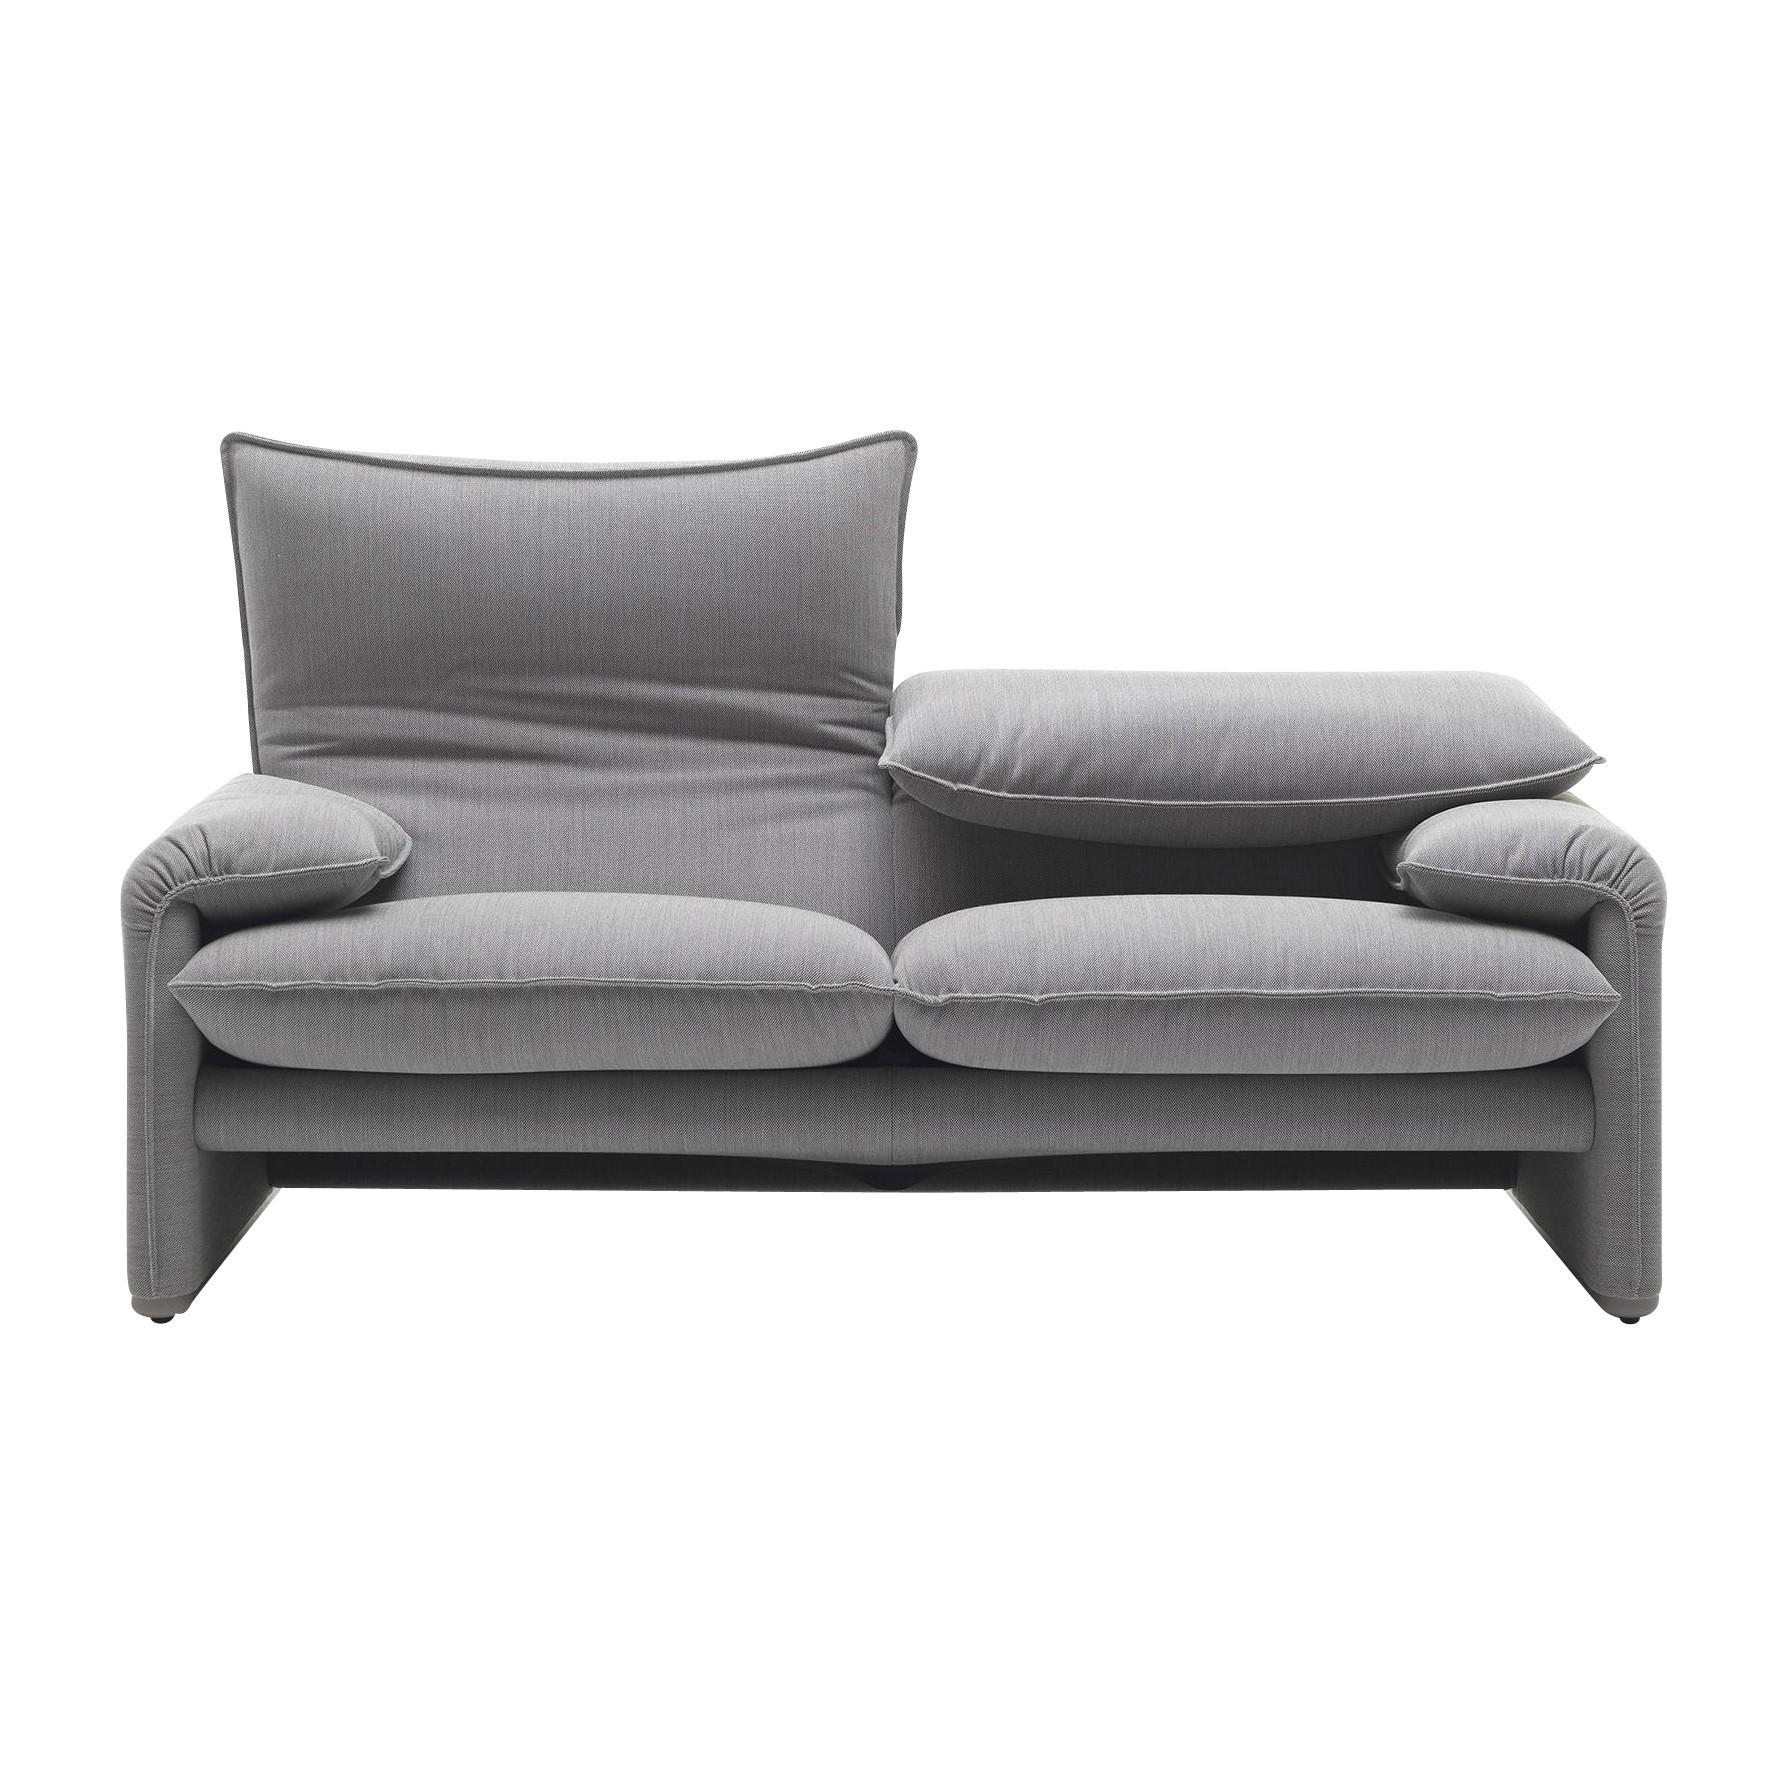 Prime Maralunga 40 2 Seater Sofa 190X86Cm Spiritservingveterans Wood Chair Design Ideas Spiritservingveteransorg